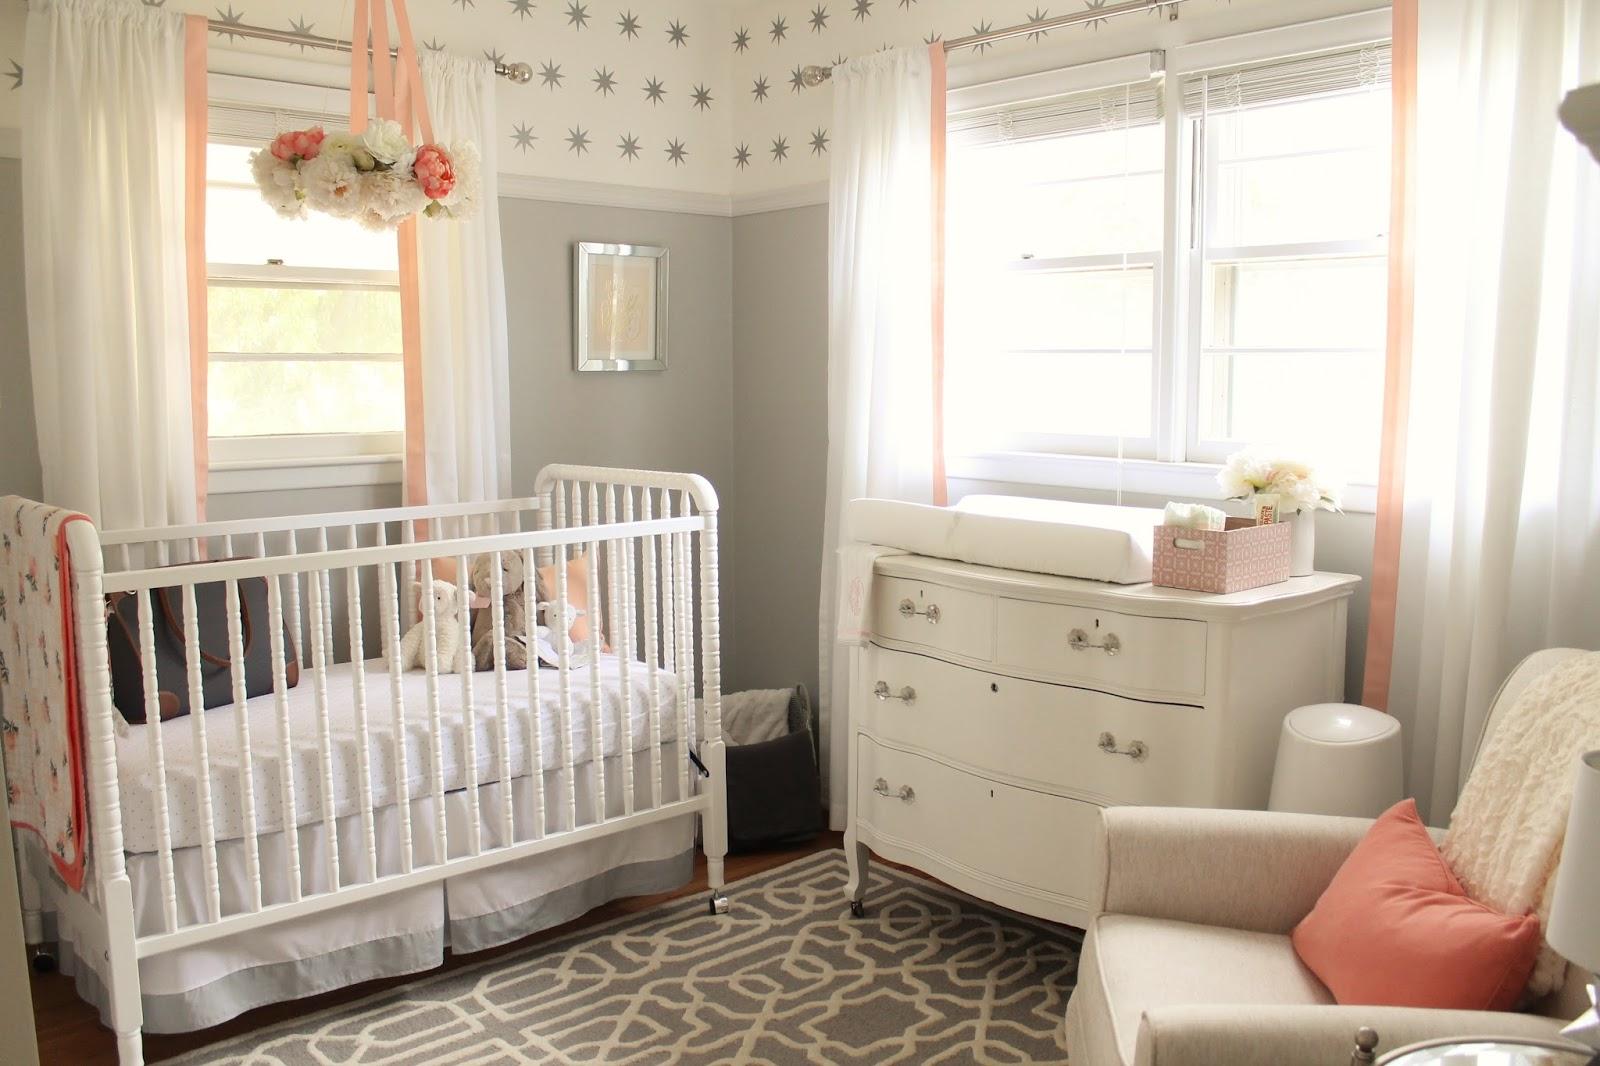 مدل های جدید و جذاب تخت خواب کودک مدرن